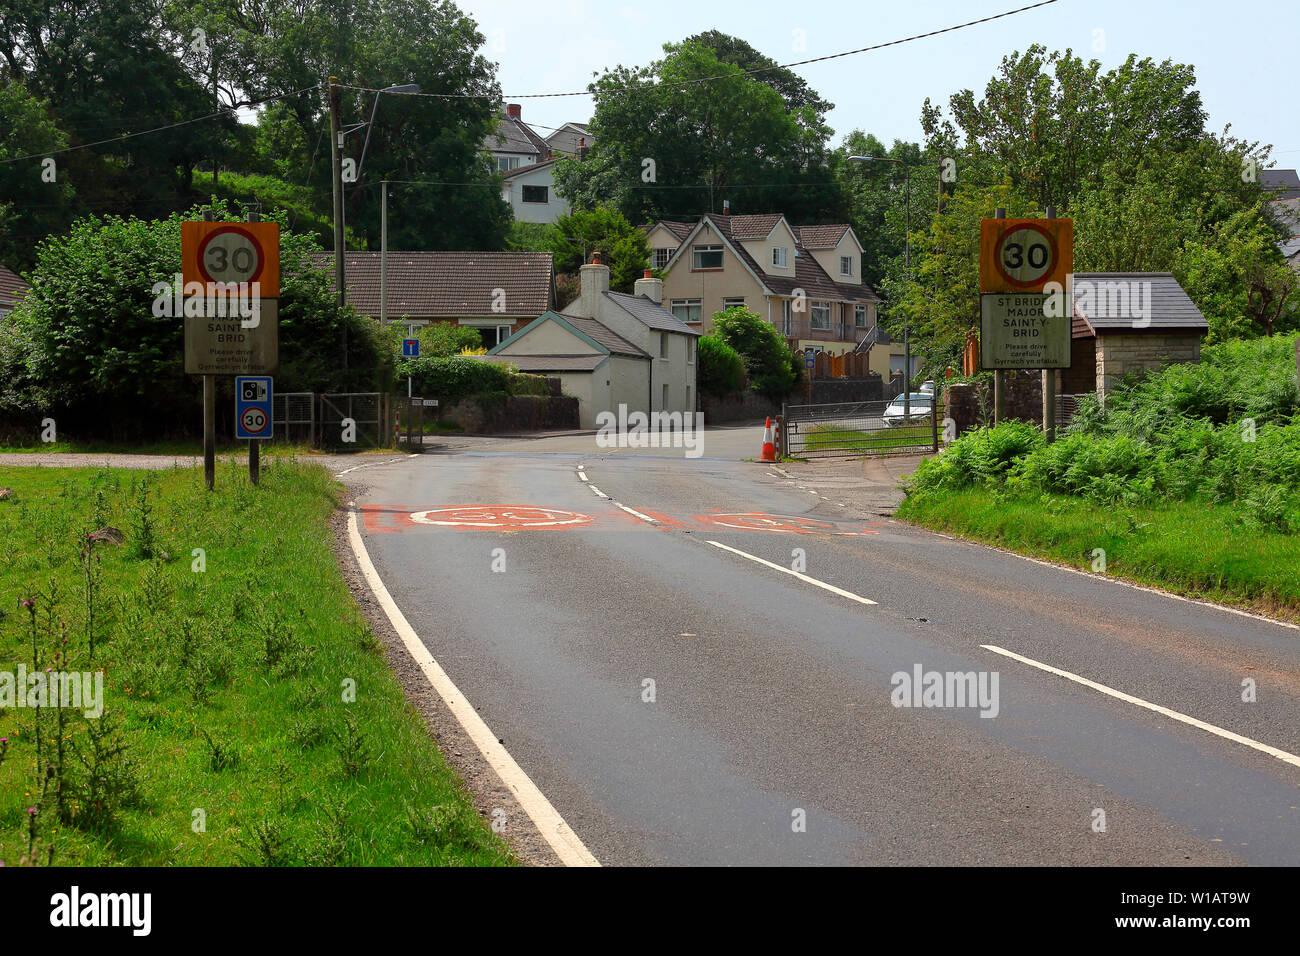 La grille du bétail à la fin de la politique commune de l'arrêt de moutons d'entrer dans St Brides grand village onn, la route principale de Ewenny à perruque. Photo Stock